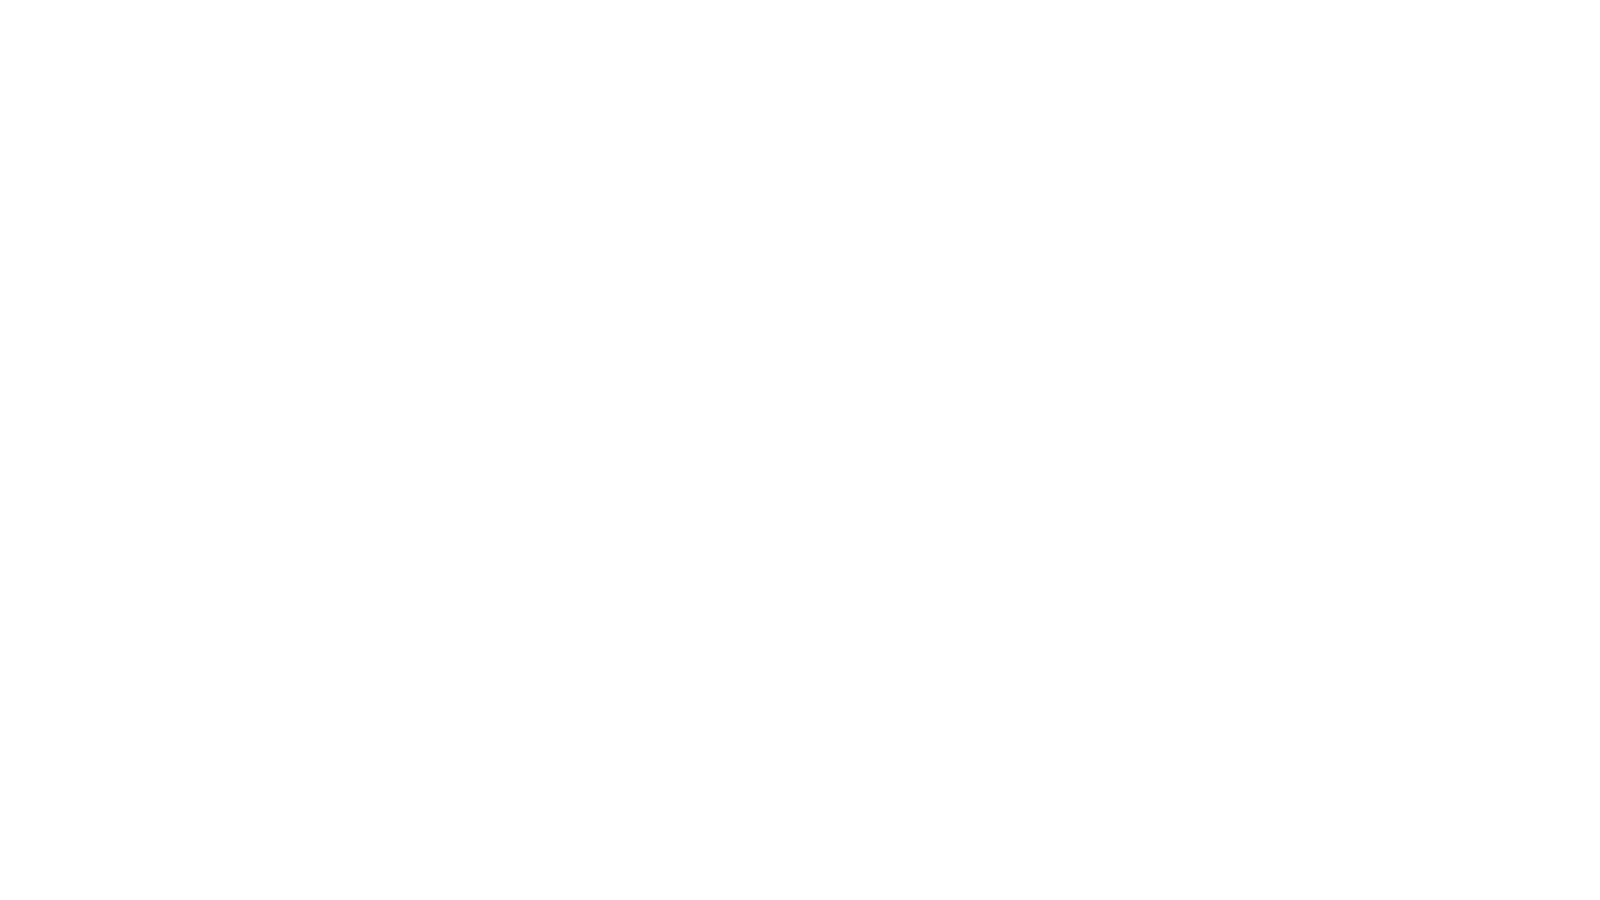 CAR 2021 Projet : Interviews Chef de projet : Salaura Didon @ Salaura Didon : camerawoman, journaliste, monteuse vidéo  Invité spécial : Bruno Henry Comment filmer avec un téléphone portable #defi2mobilefilm : Didier Mauro  #car #car2021 #mcc #mcinecaraibe #missioncinemacaraibe #audiovisuel #cinema #filmonmobile #projet #guadeloupe #westindies #france